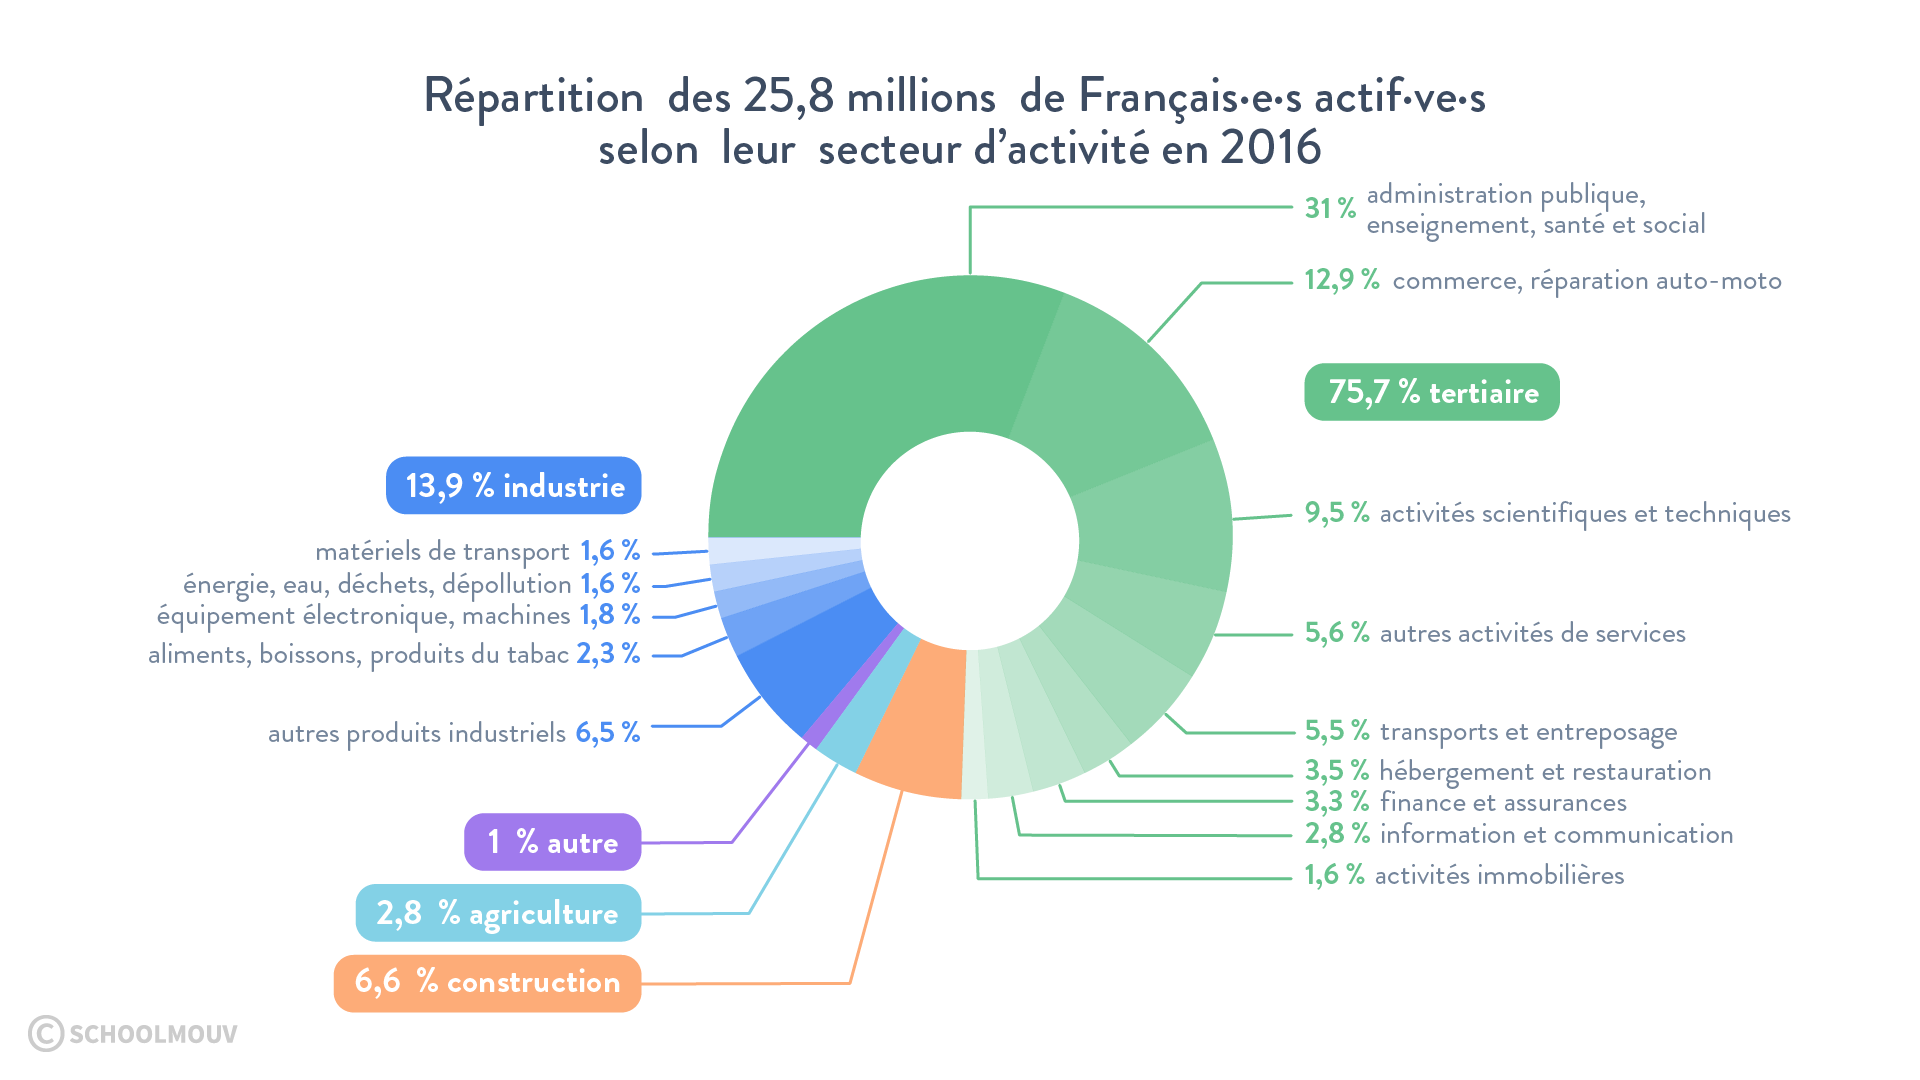 Répartition des Français·e·s actif·ve·s selon leur secteur d'activité en2016